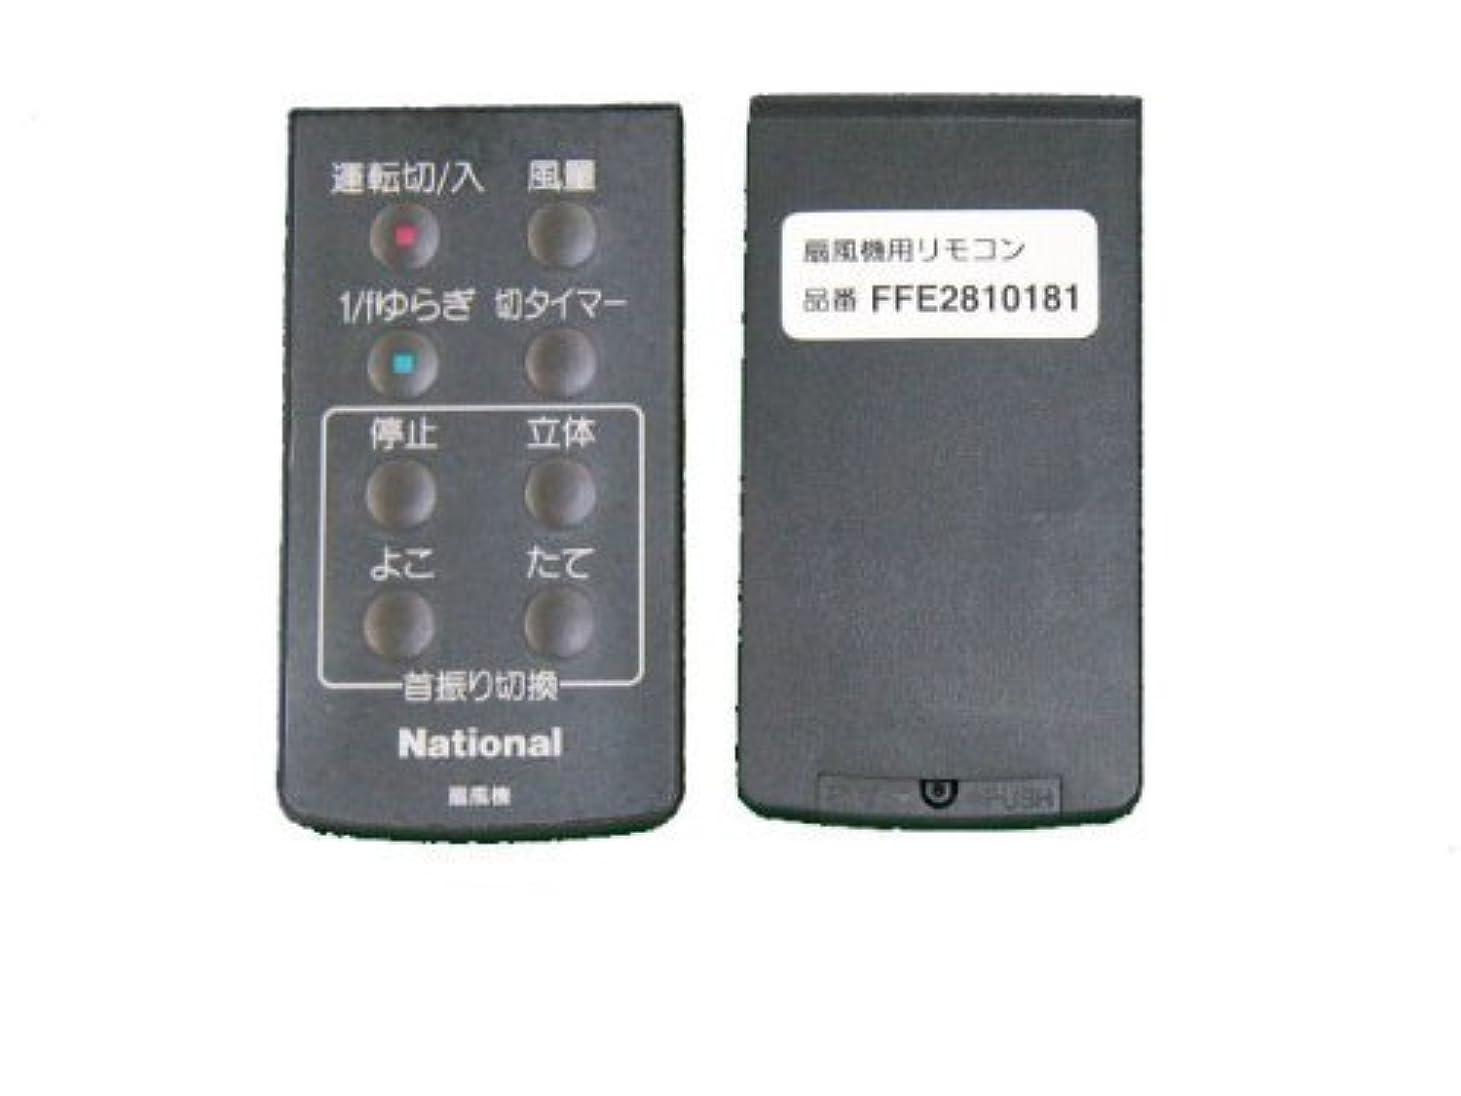 攻撃的大通り技術者Panasonic 扇風機用リモコン FFE2810181